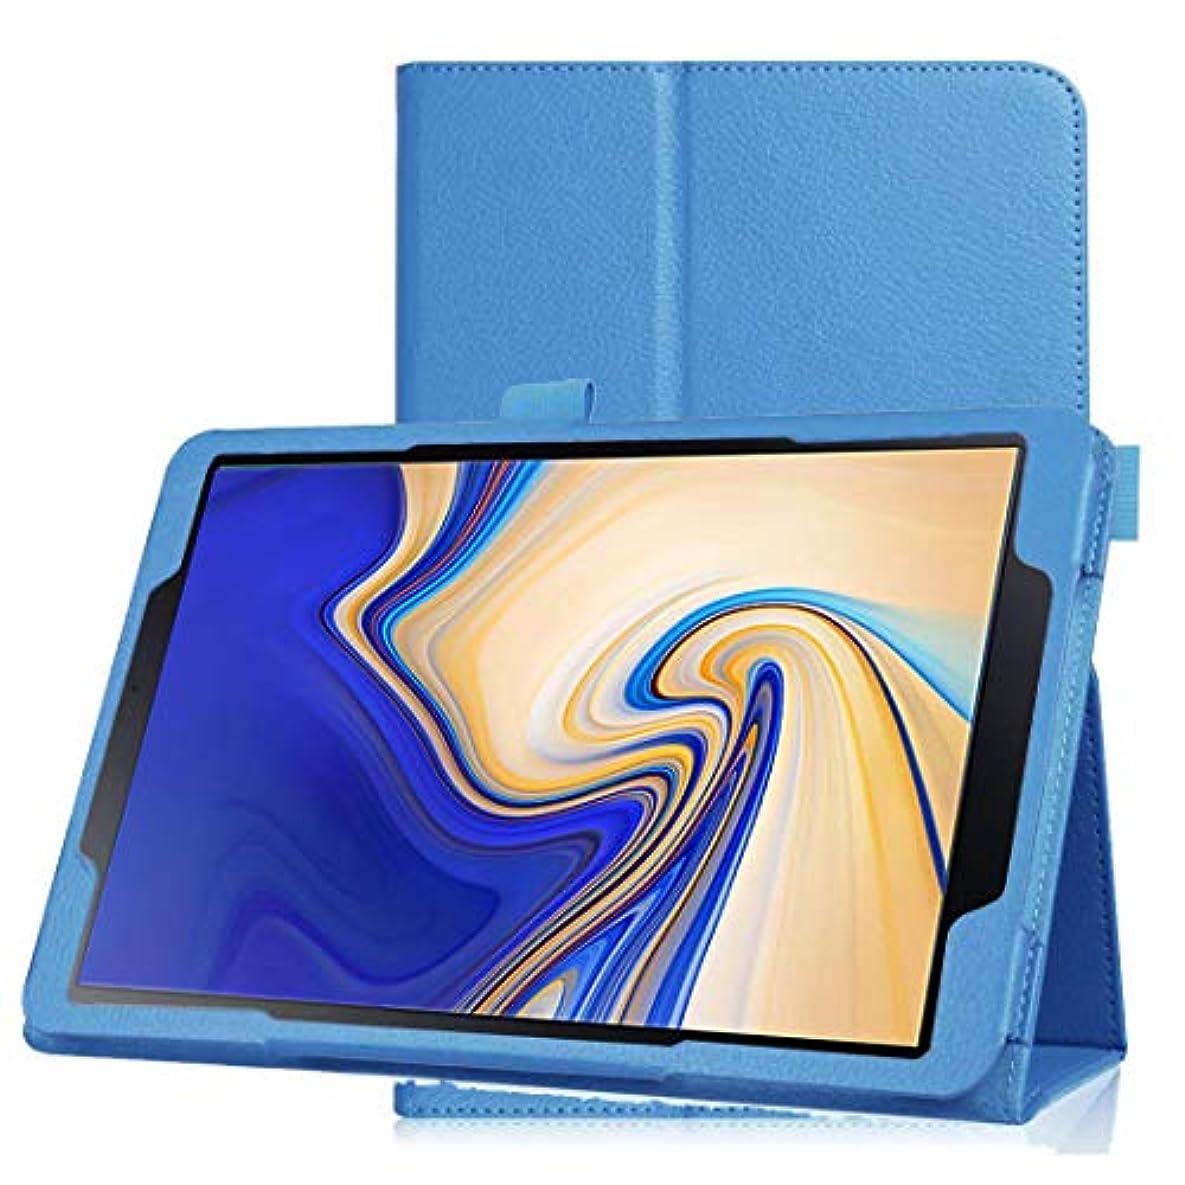 湿ったあさり神話Galaxy tab a 10.5 全面保護ケース INorton 本革ケース スタンド機能 衝撃吸収 PUレザー 軽量薄型 排熱性アップ ソフトケース T830 T835対応